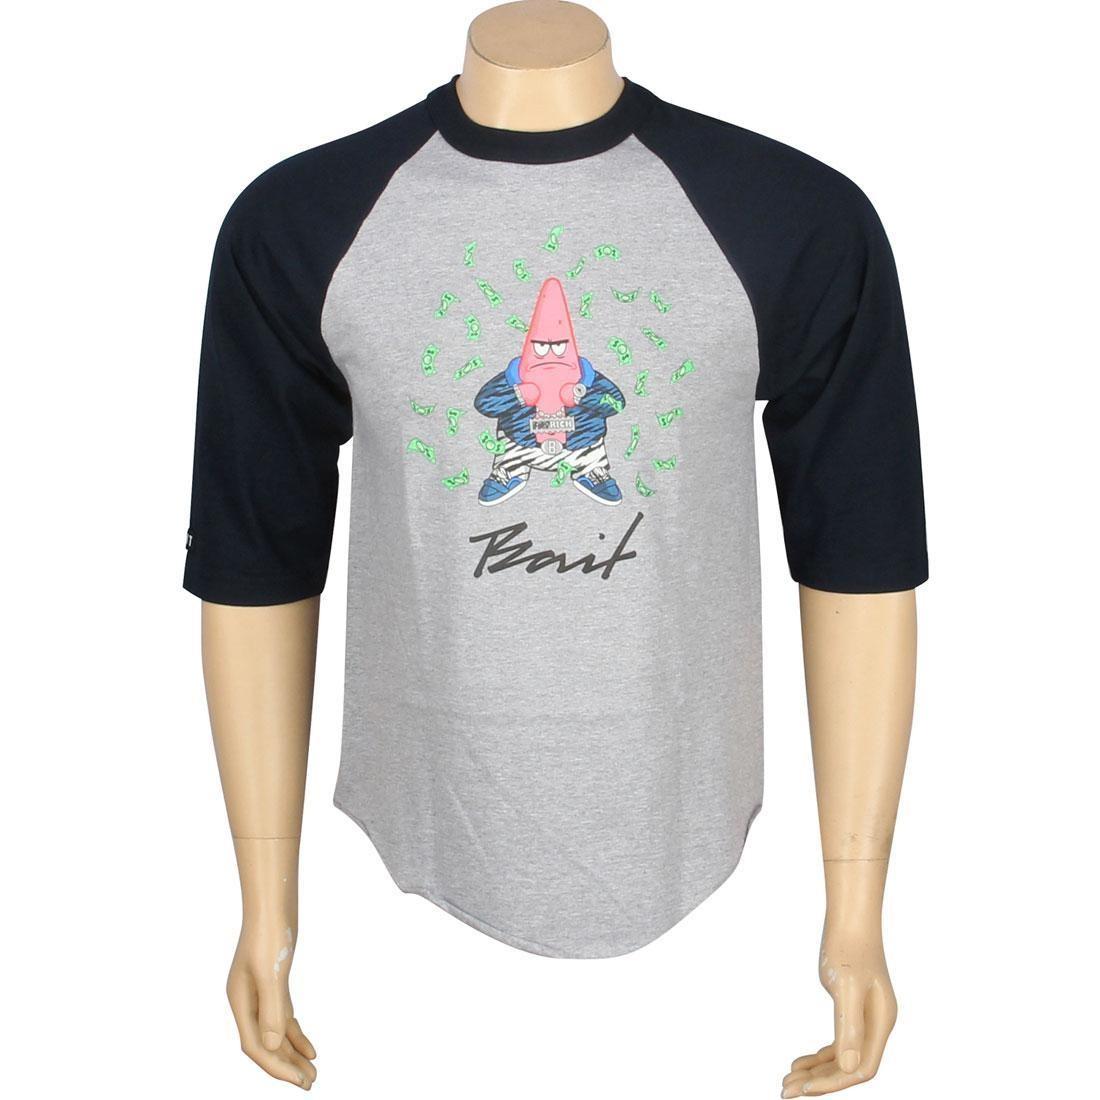 ベイト BAIT ラグラン Tシャツ ヘザー 紺 ネイビー 【 RAGLAN HEATHER NAVY BAIT X SPONGEBOB PATRICK TEE 】 メンズファッション トップス Tシャツ カットソー